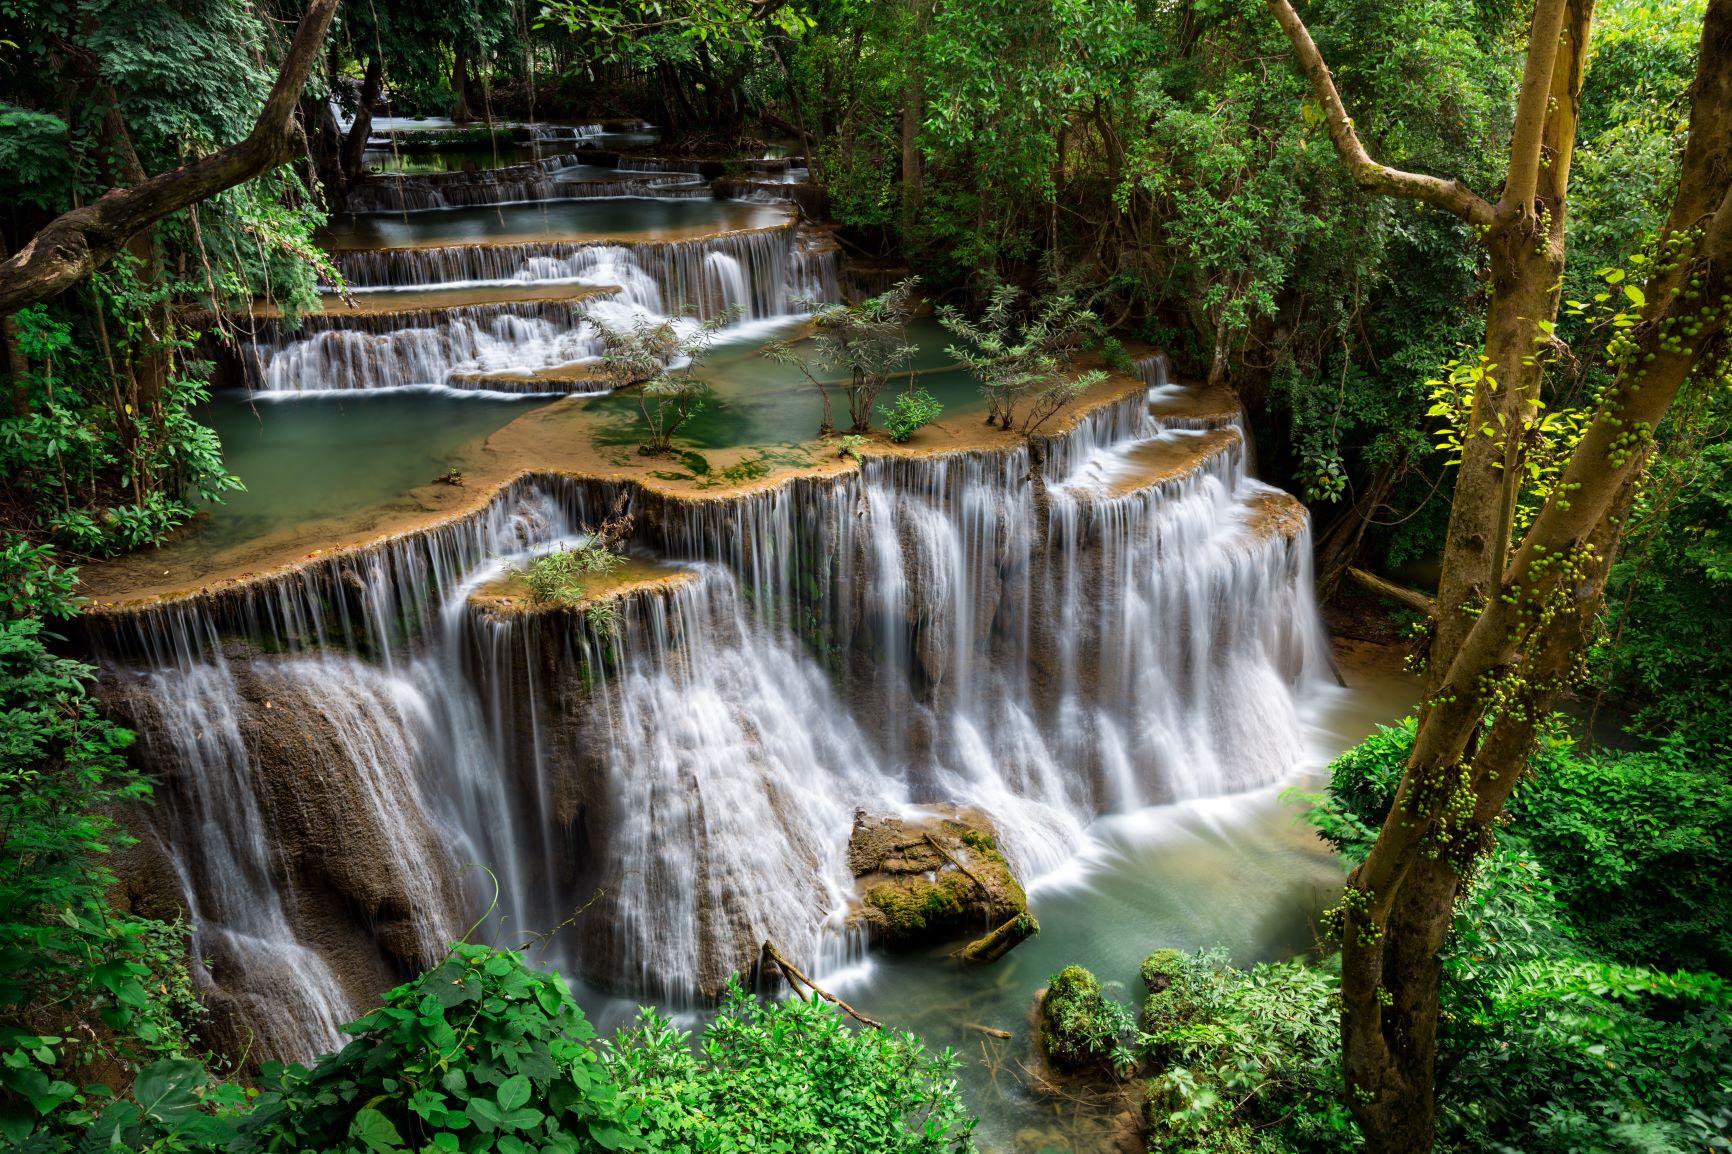 ปิดอุทยานแห่งชาติทั่วประเทศ ควบคุมการแพร่ระบาดโควิด-19 thaihealth